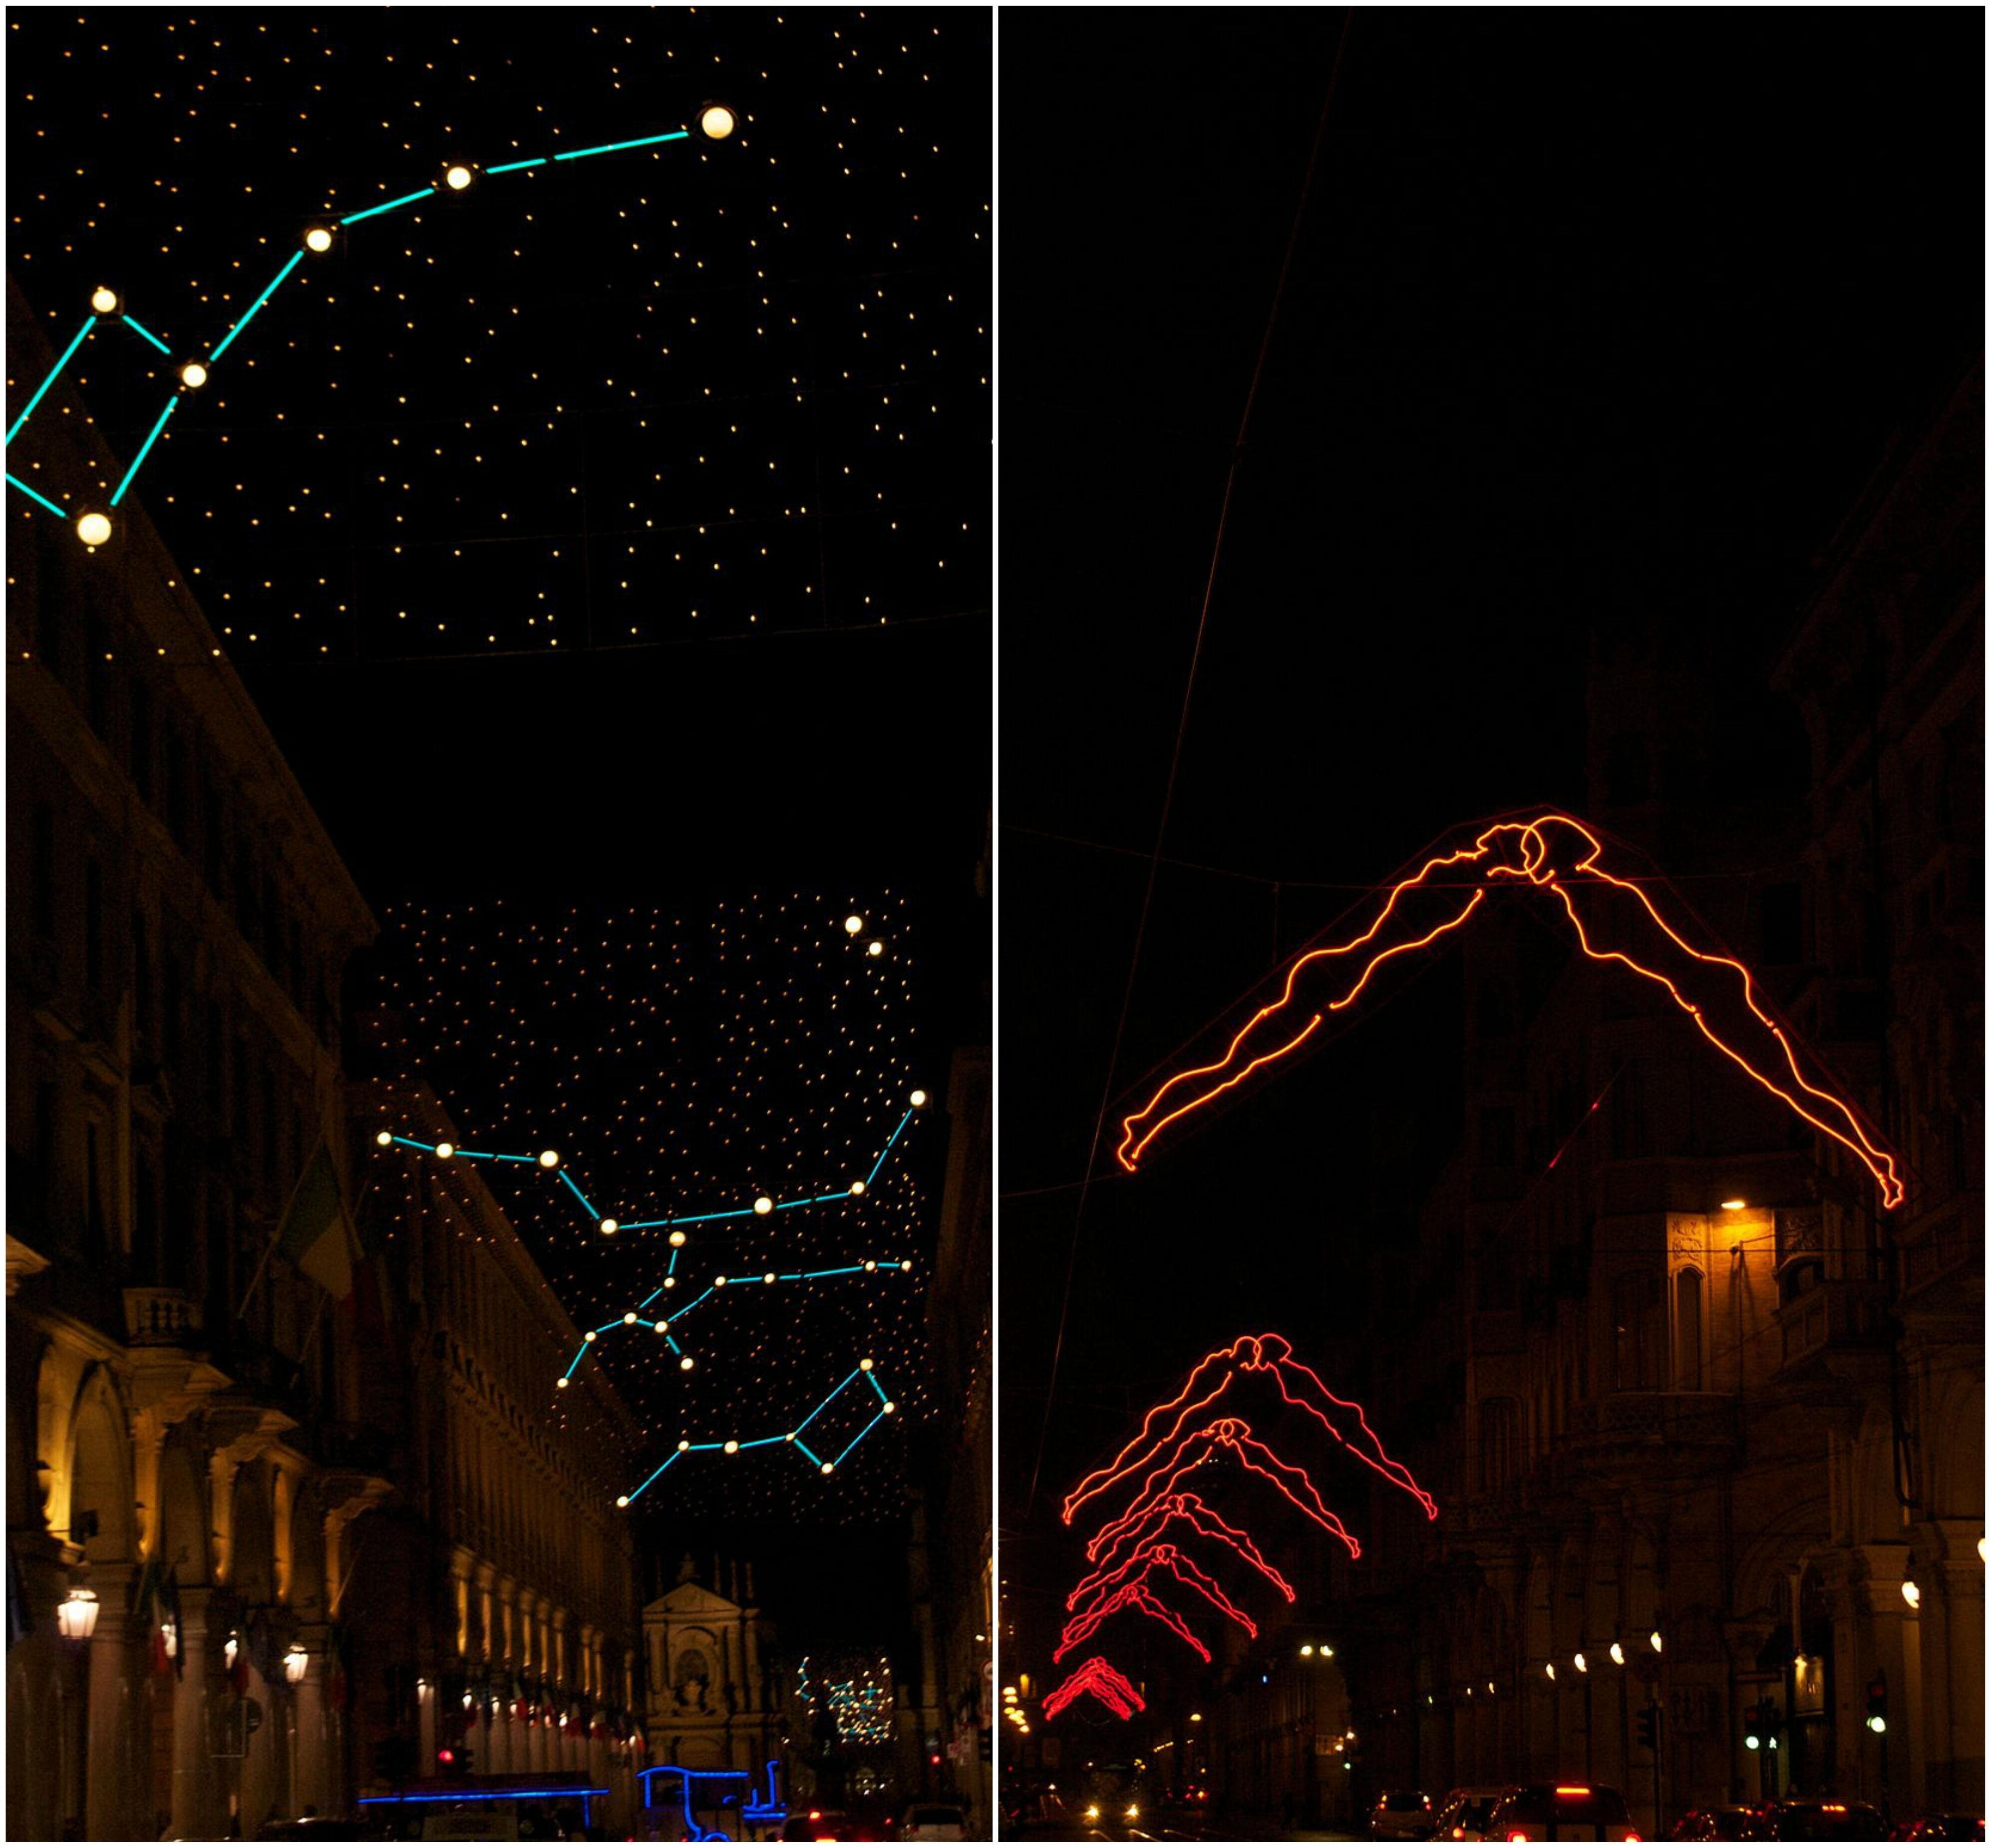 Außergewöhnliche Weihnachtsbeleuchtung.Erkunden Sie Diese Prächtige Stadt In Der Vorweihnachtszeit